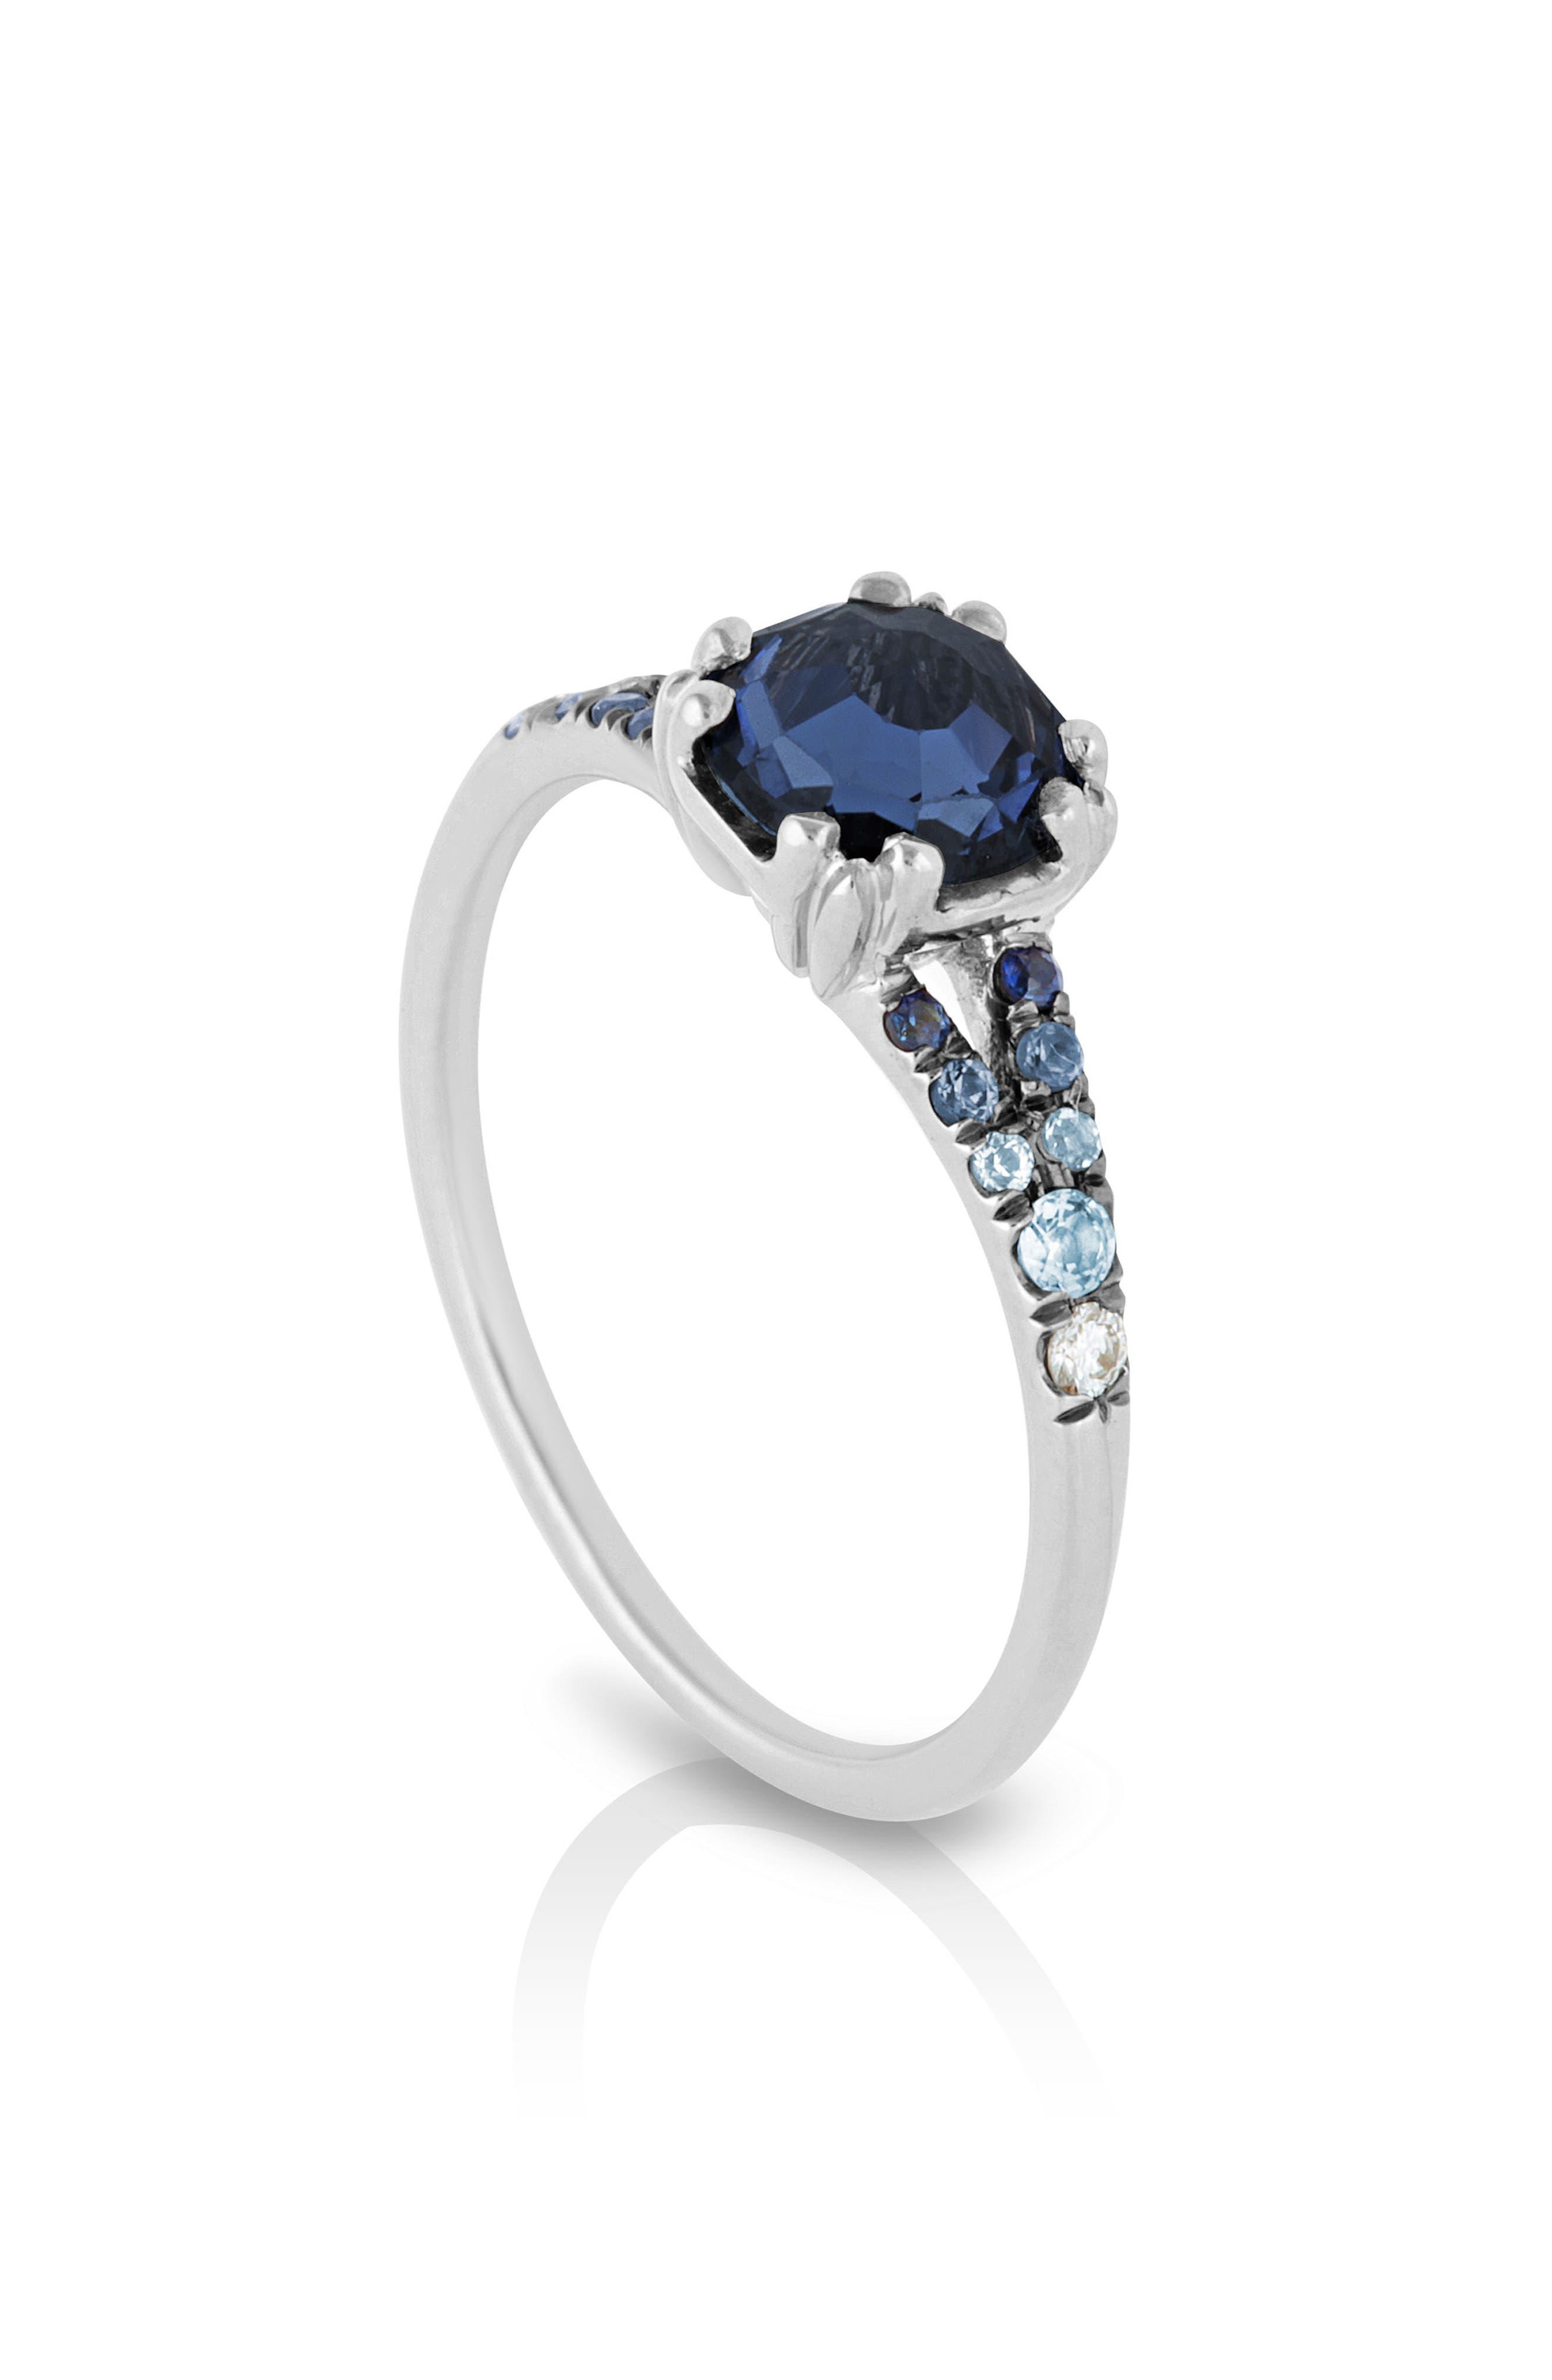 Devotion Gradient Sapphire Solitaire Ring,                             Alternate thumbnail 3, color,                             Blue Sapphire